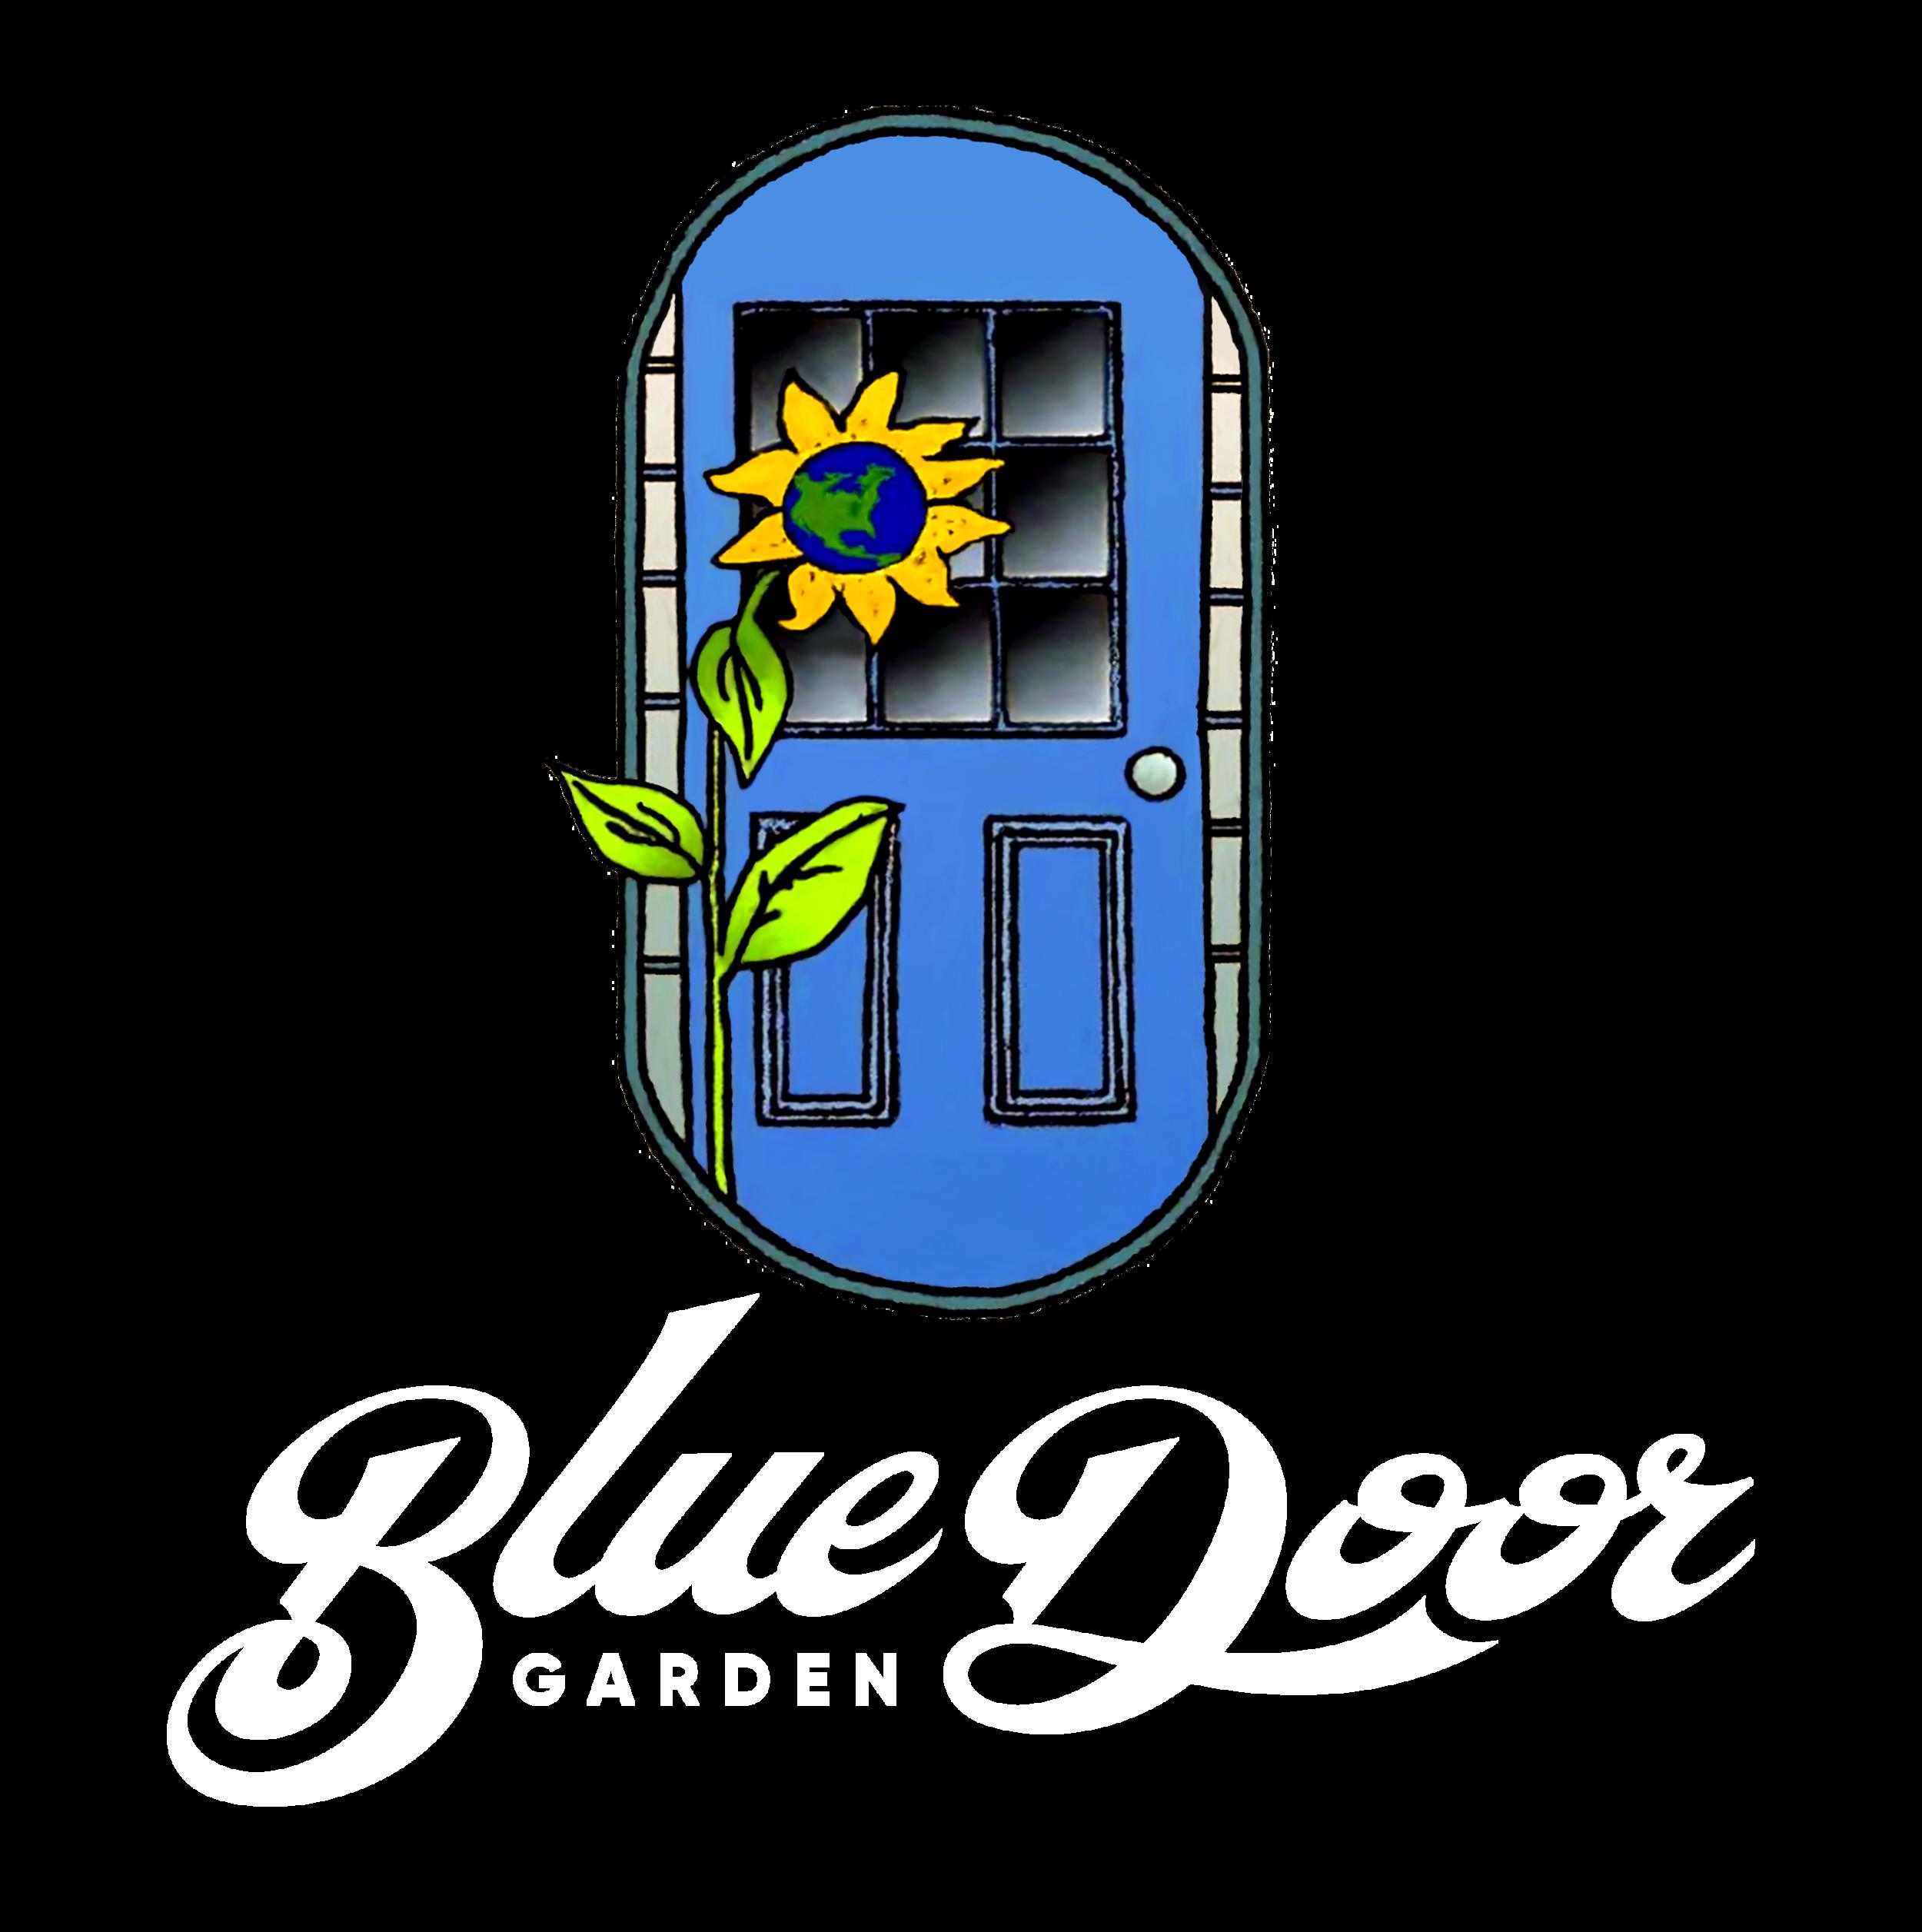 BlueDoorLogo2017 white text.png